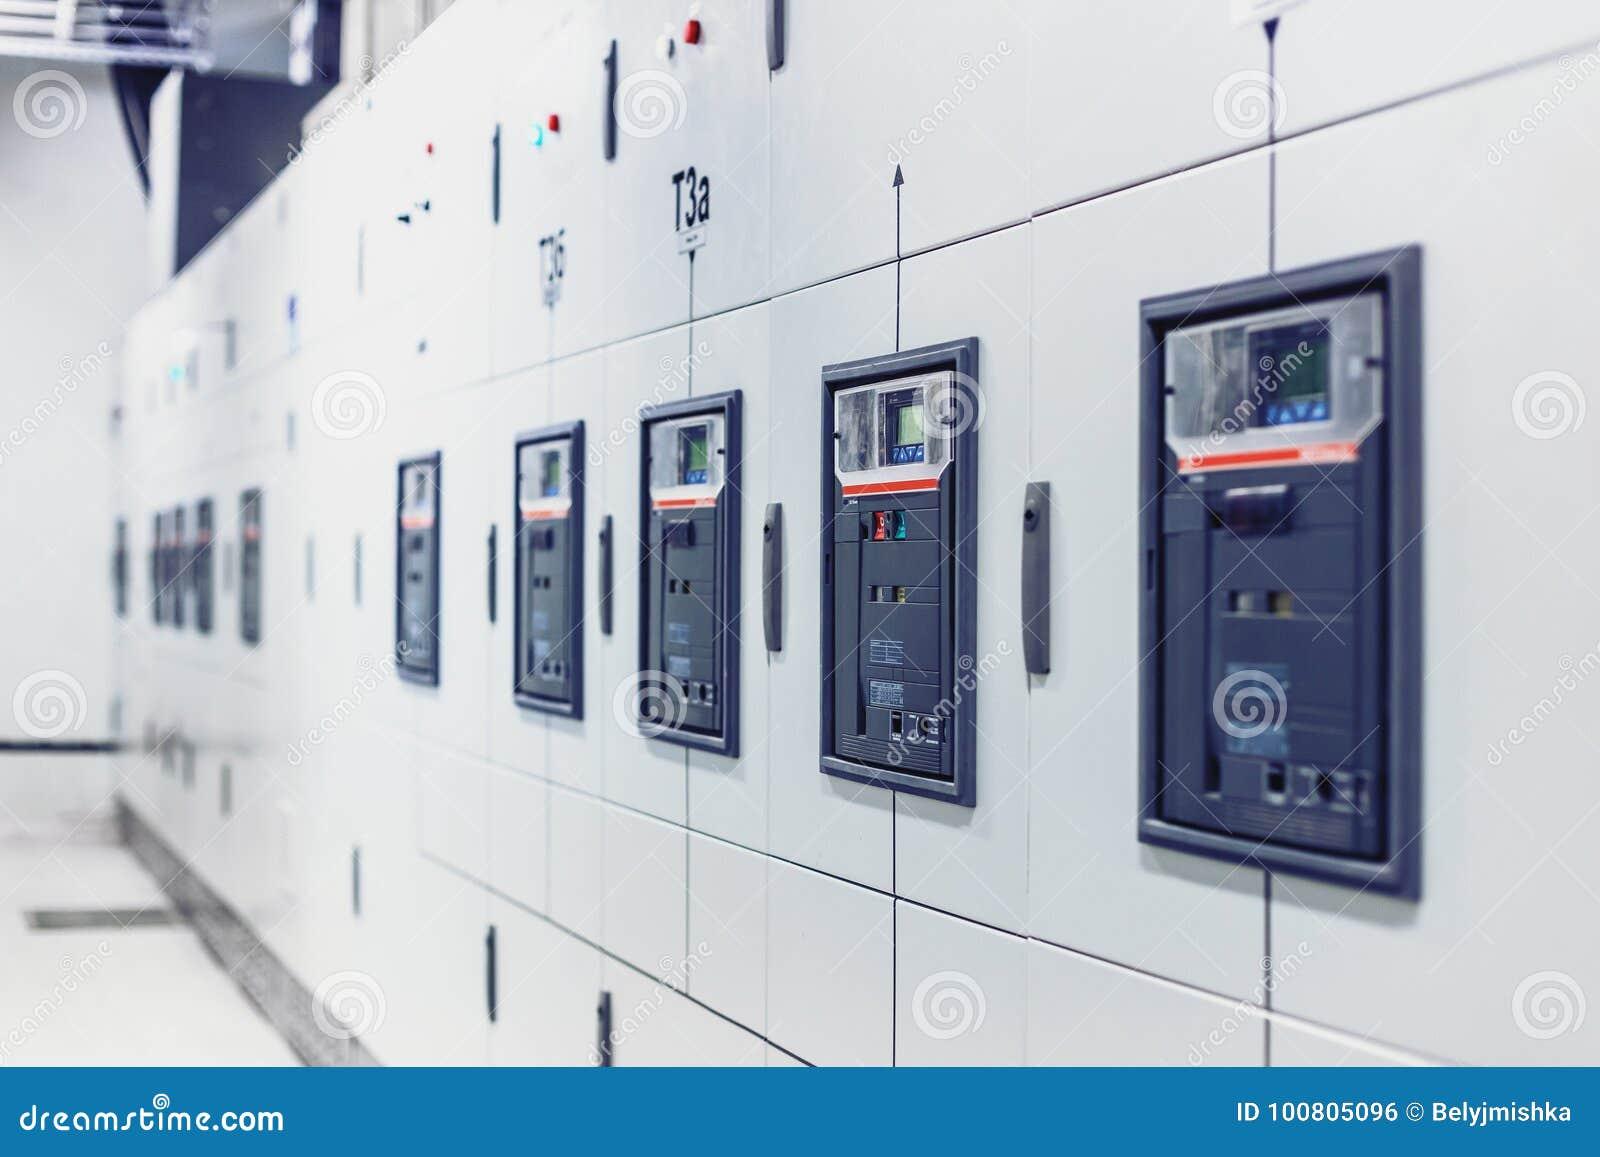 Elektrische Schaltanlage, industrielle elektrische Schalterplatte